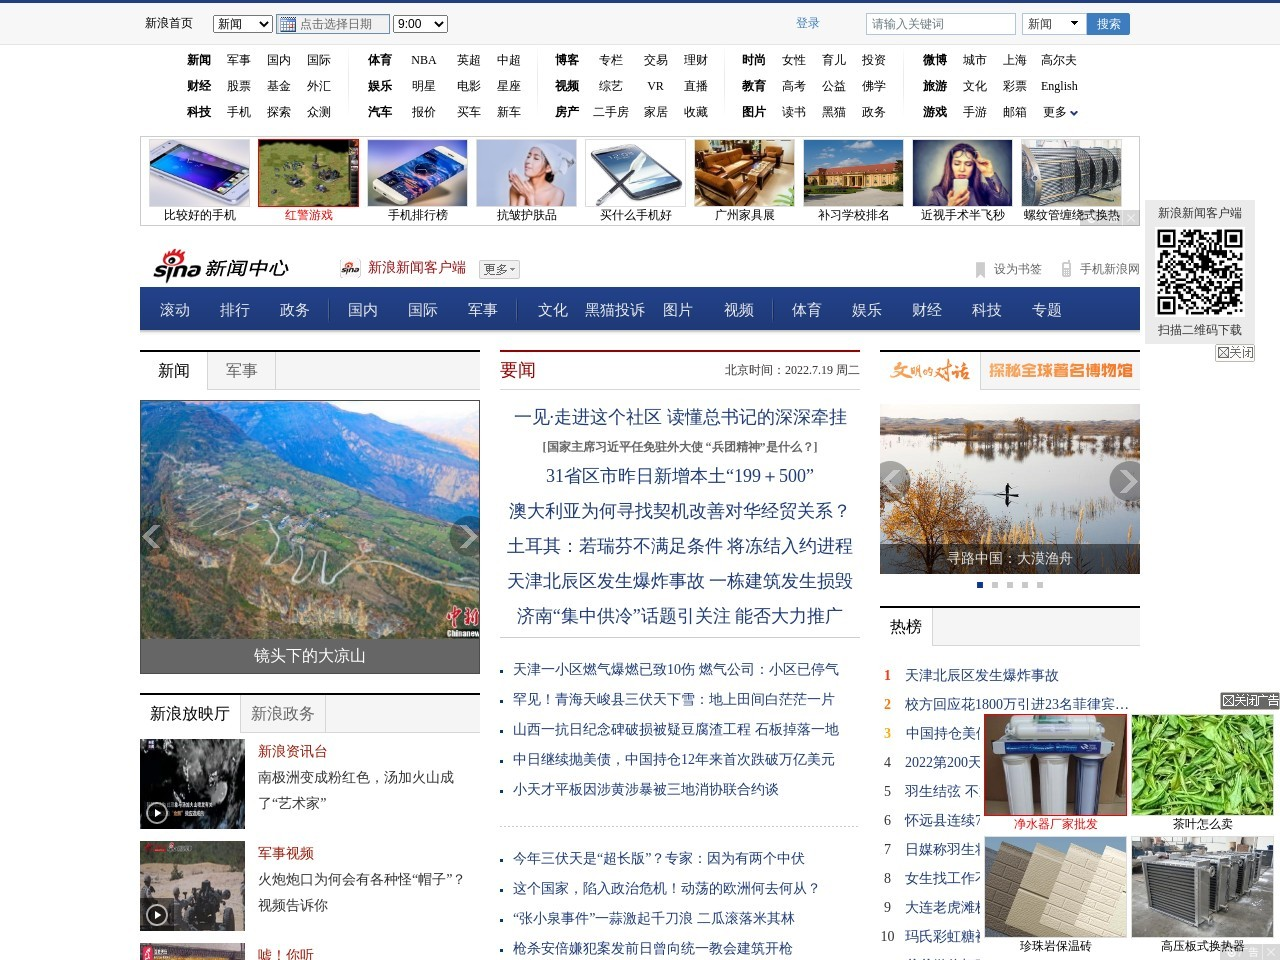 云南大理找到3名被困人员 已移交安置点 大理白族自治州 云南省_新浪新闻